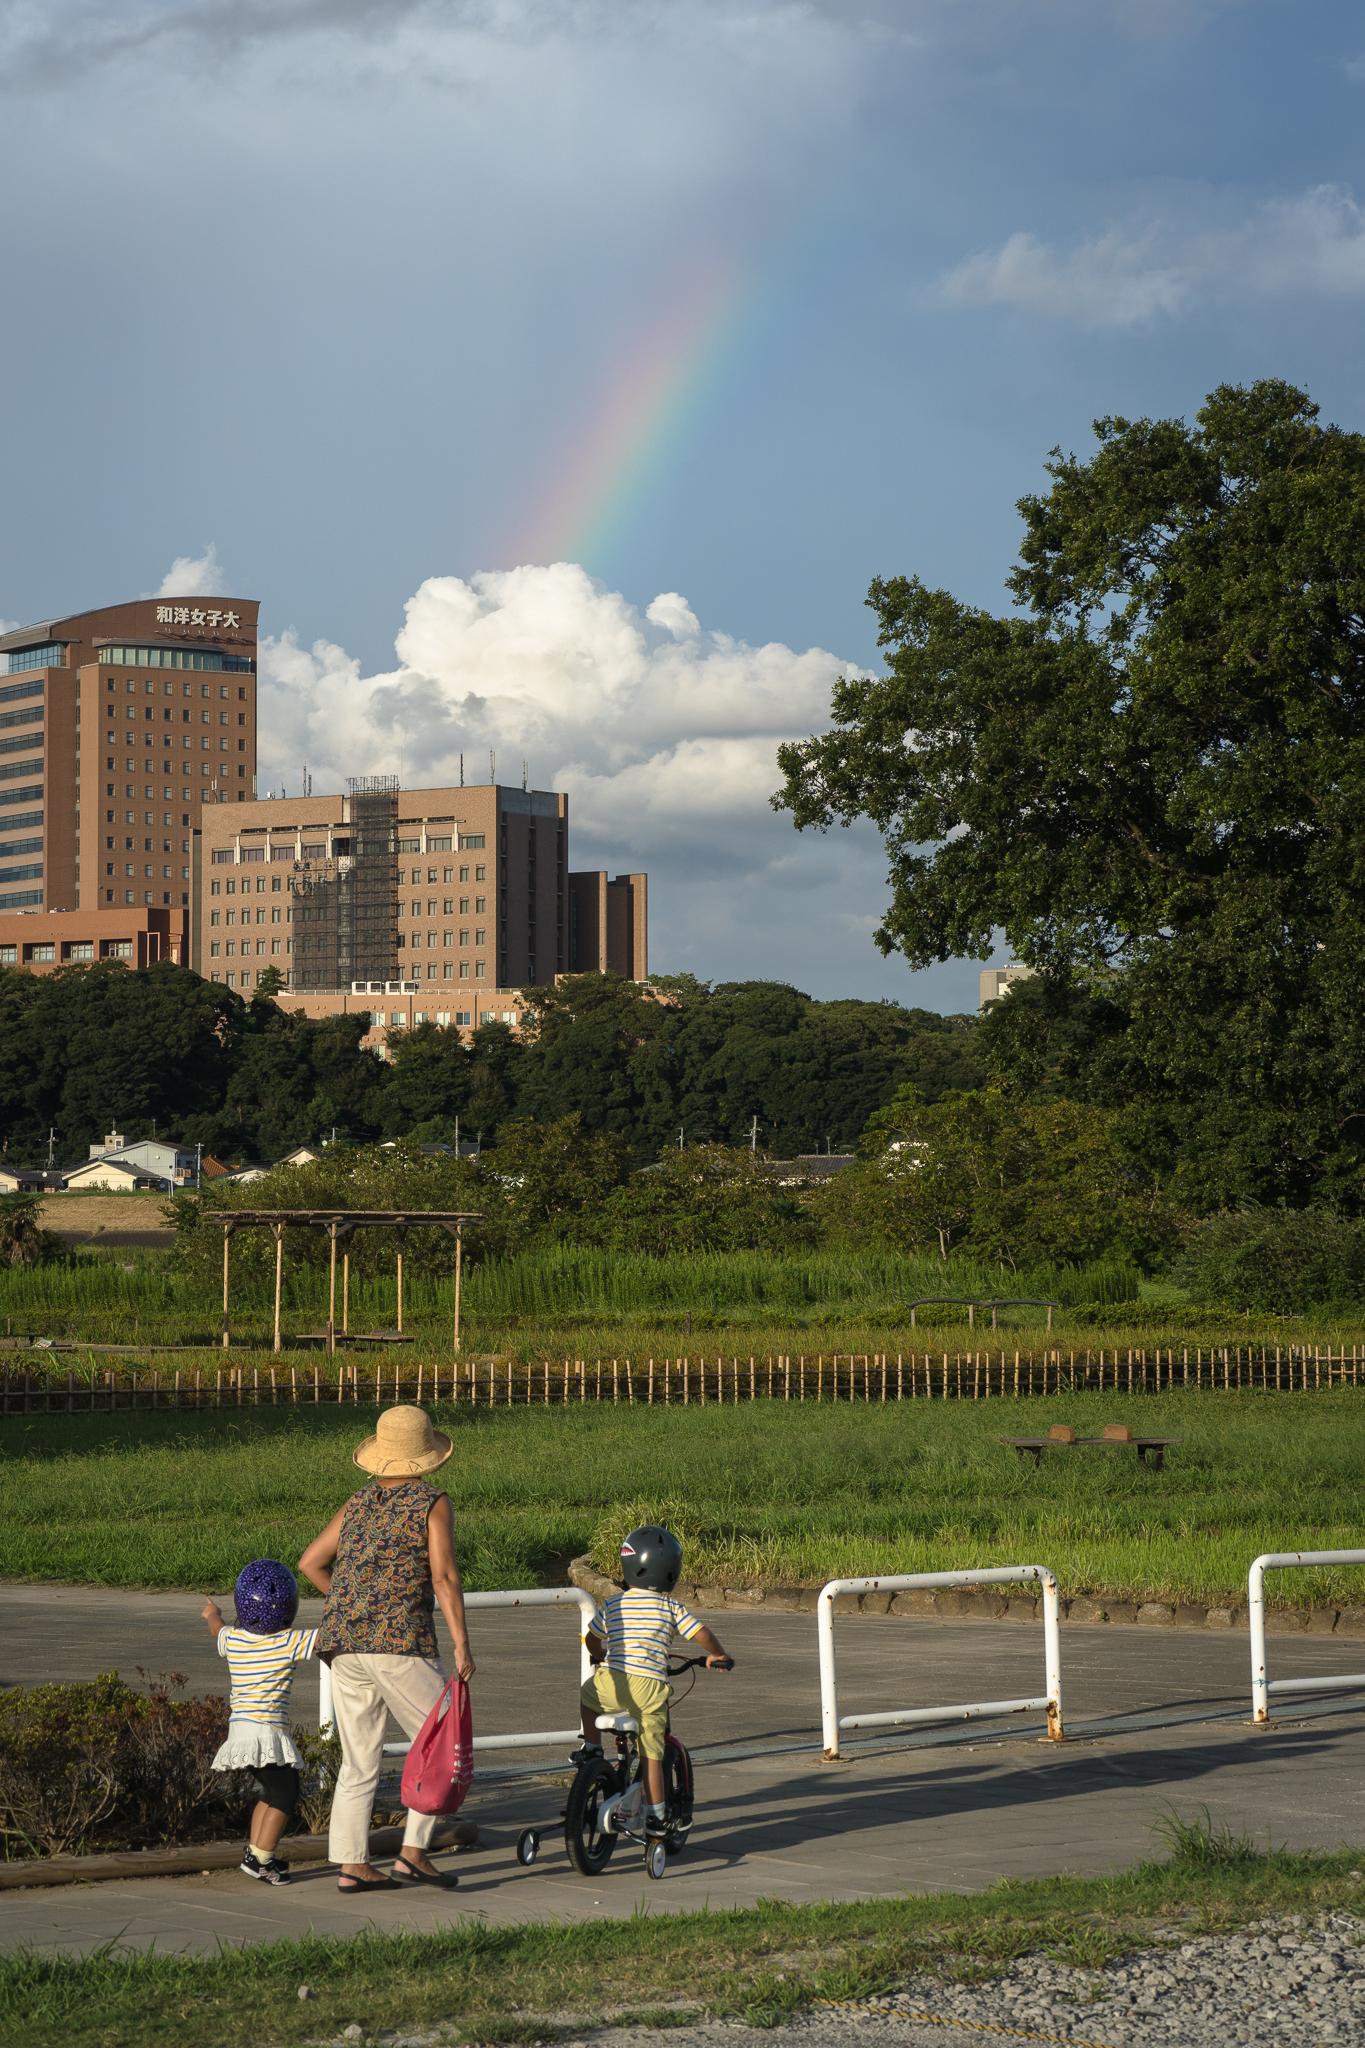 虹のかけら 小岩菖蒲園にて 2020年9月11日撮影